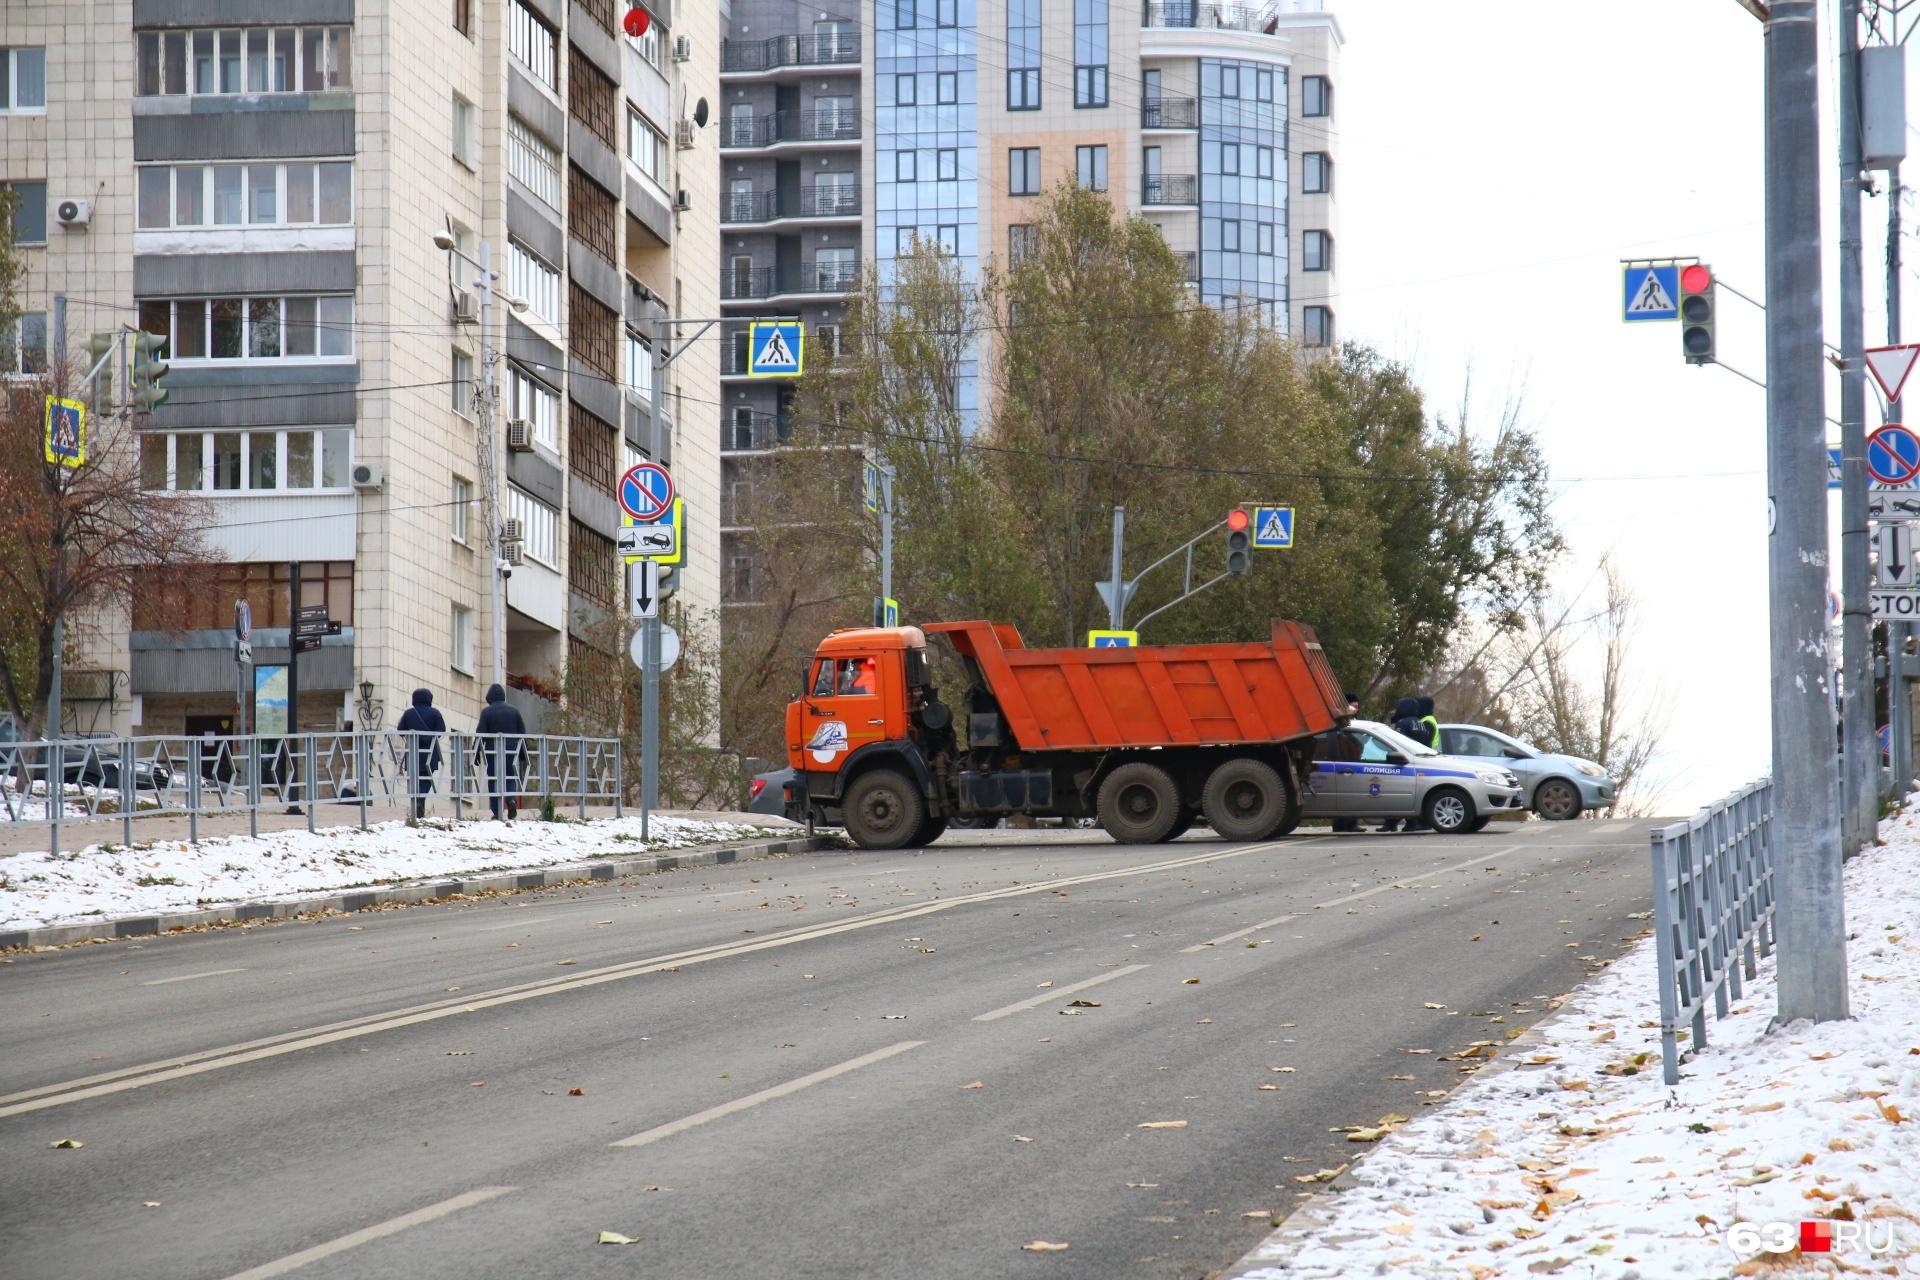 """В целях безопасности <a href=""""https://63.ru/text/sport/66276124/"""" target=""""_blank"""" class=""""_"""">перекрыли несколько улиц</a>"""